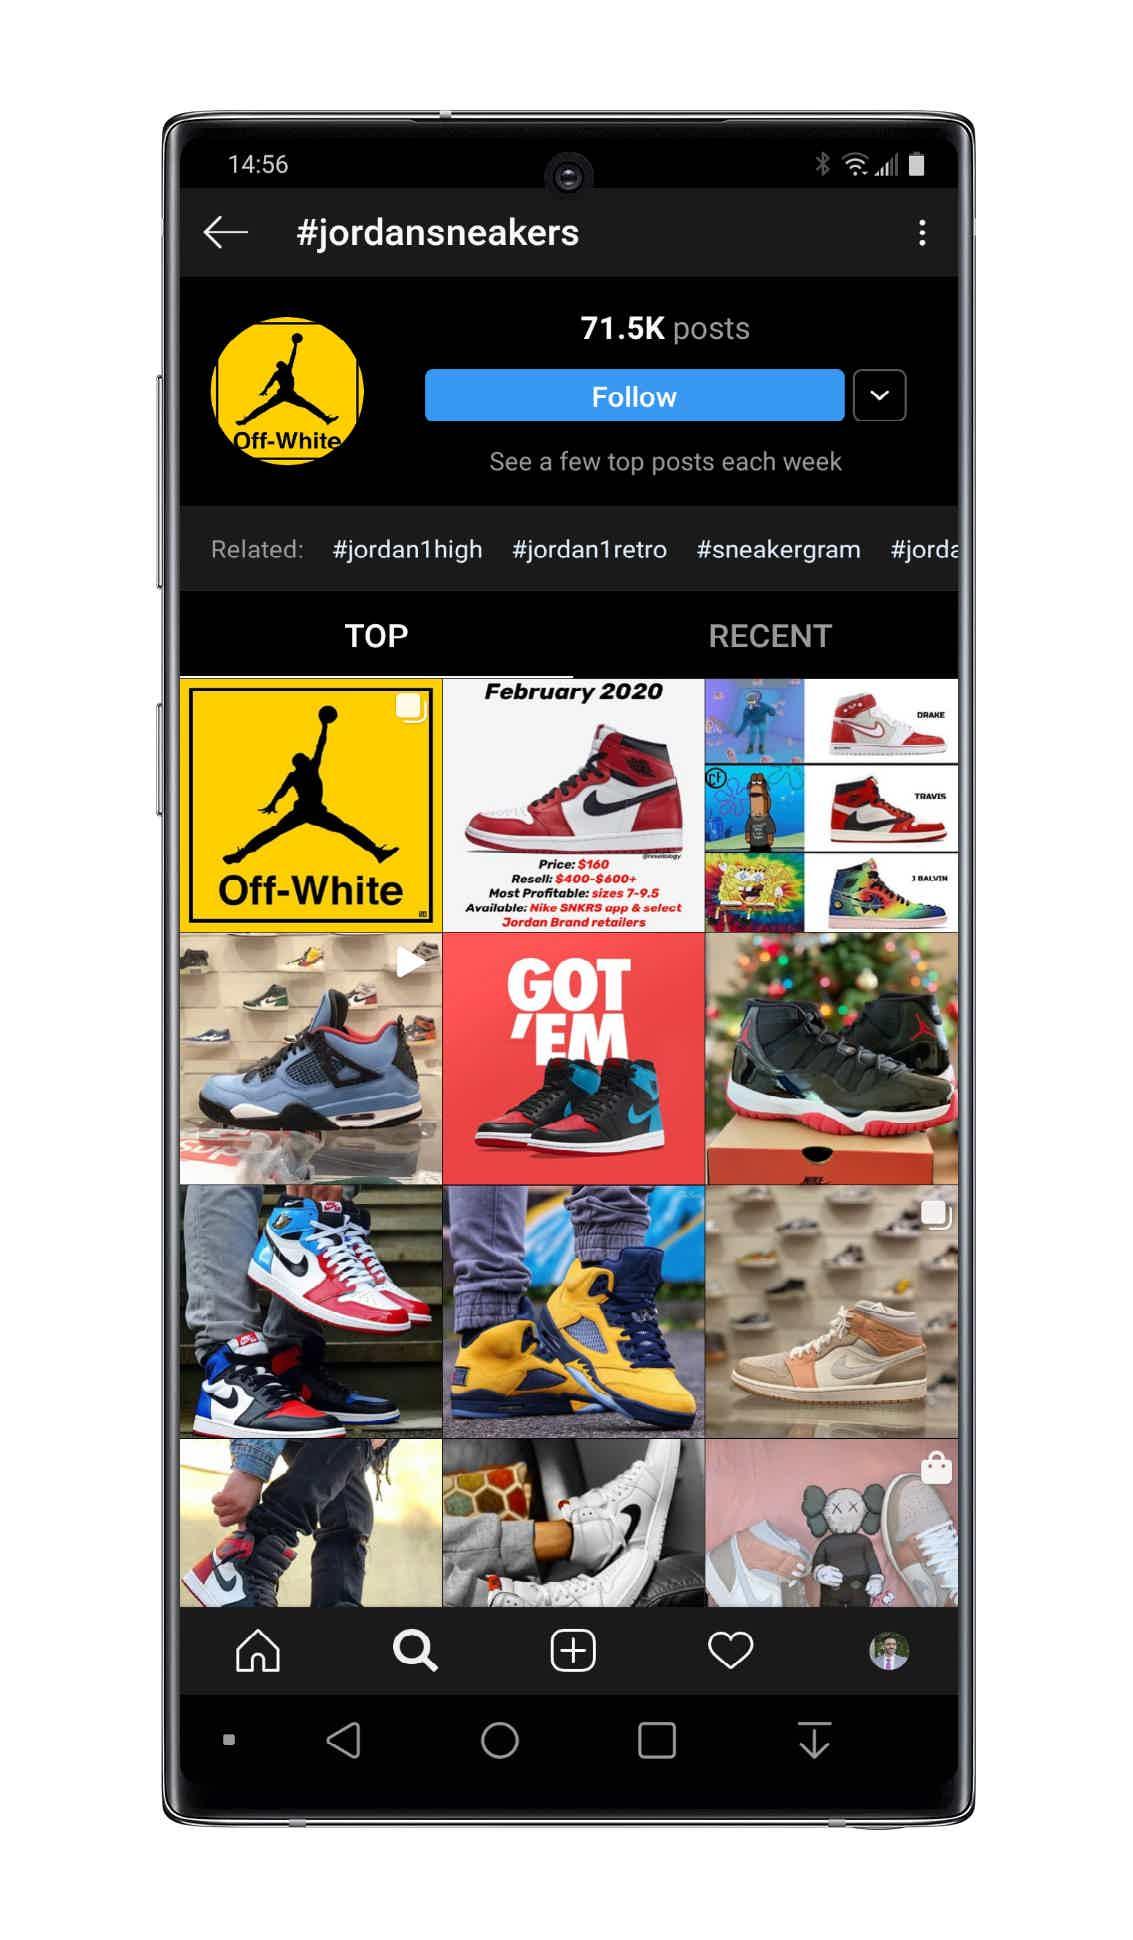 Instagram jordan sneakers hashtag